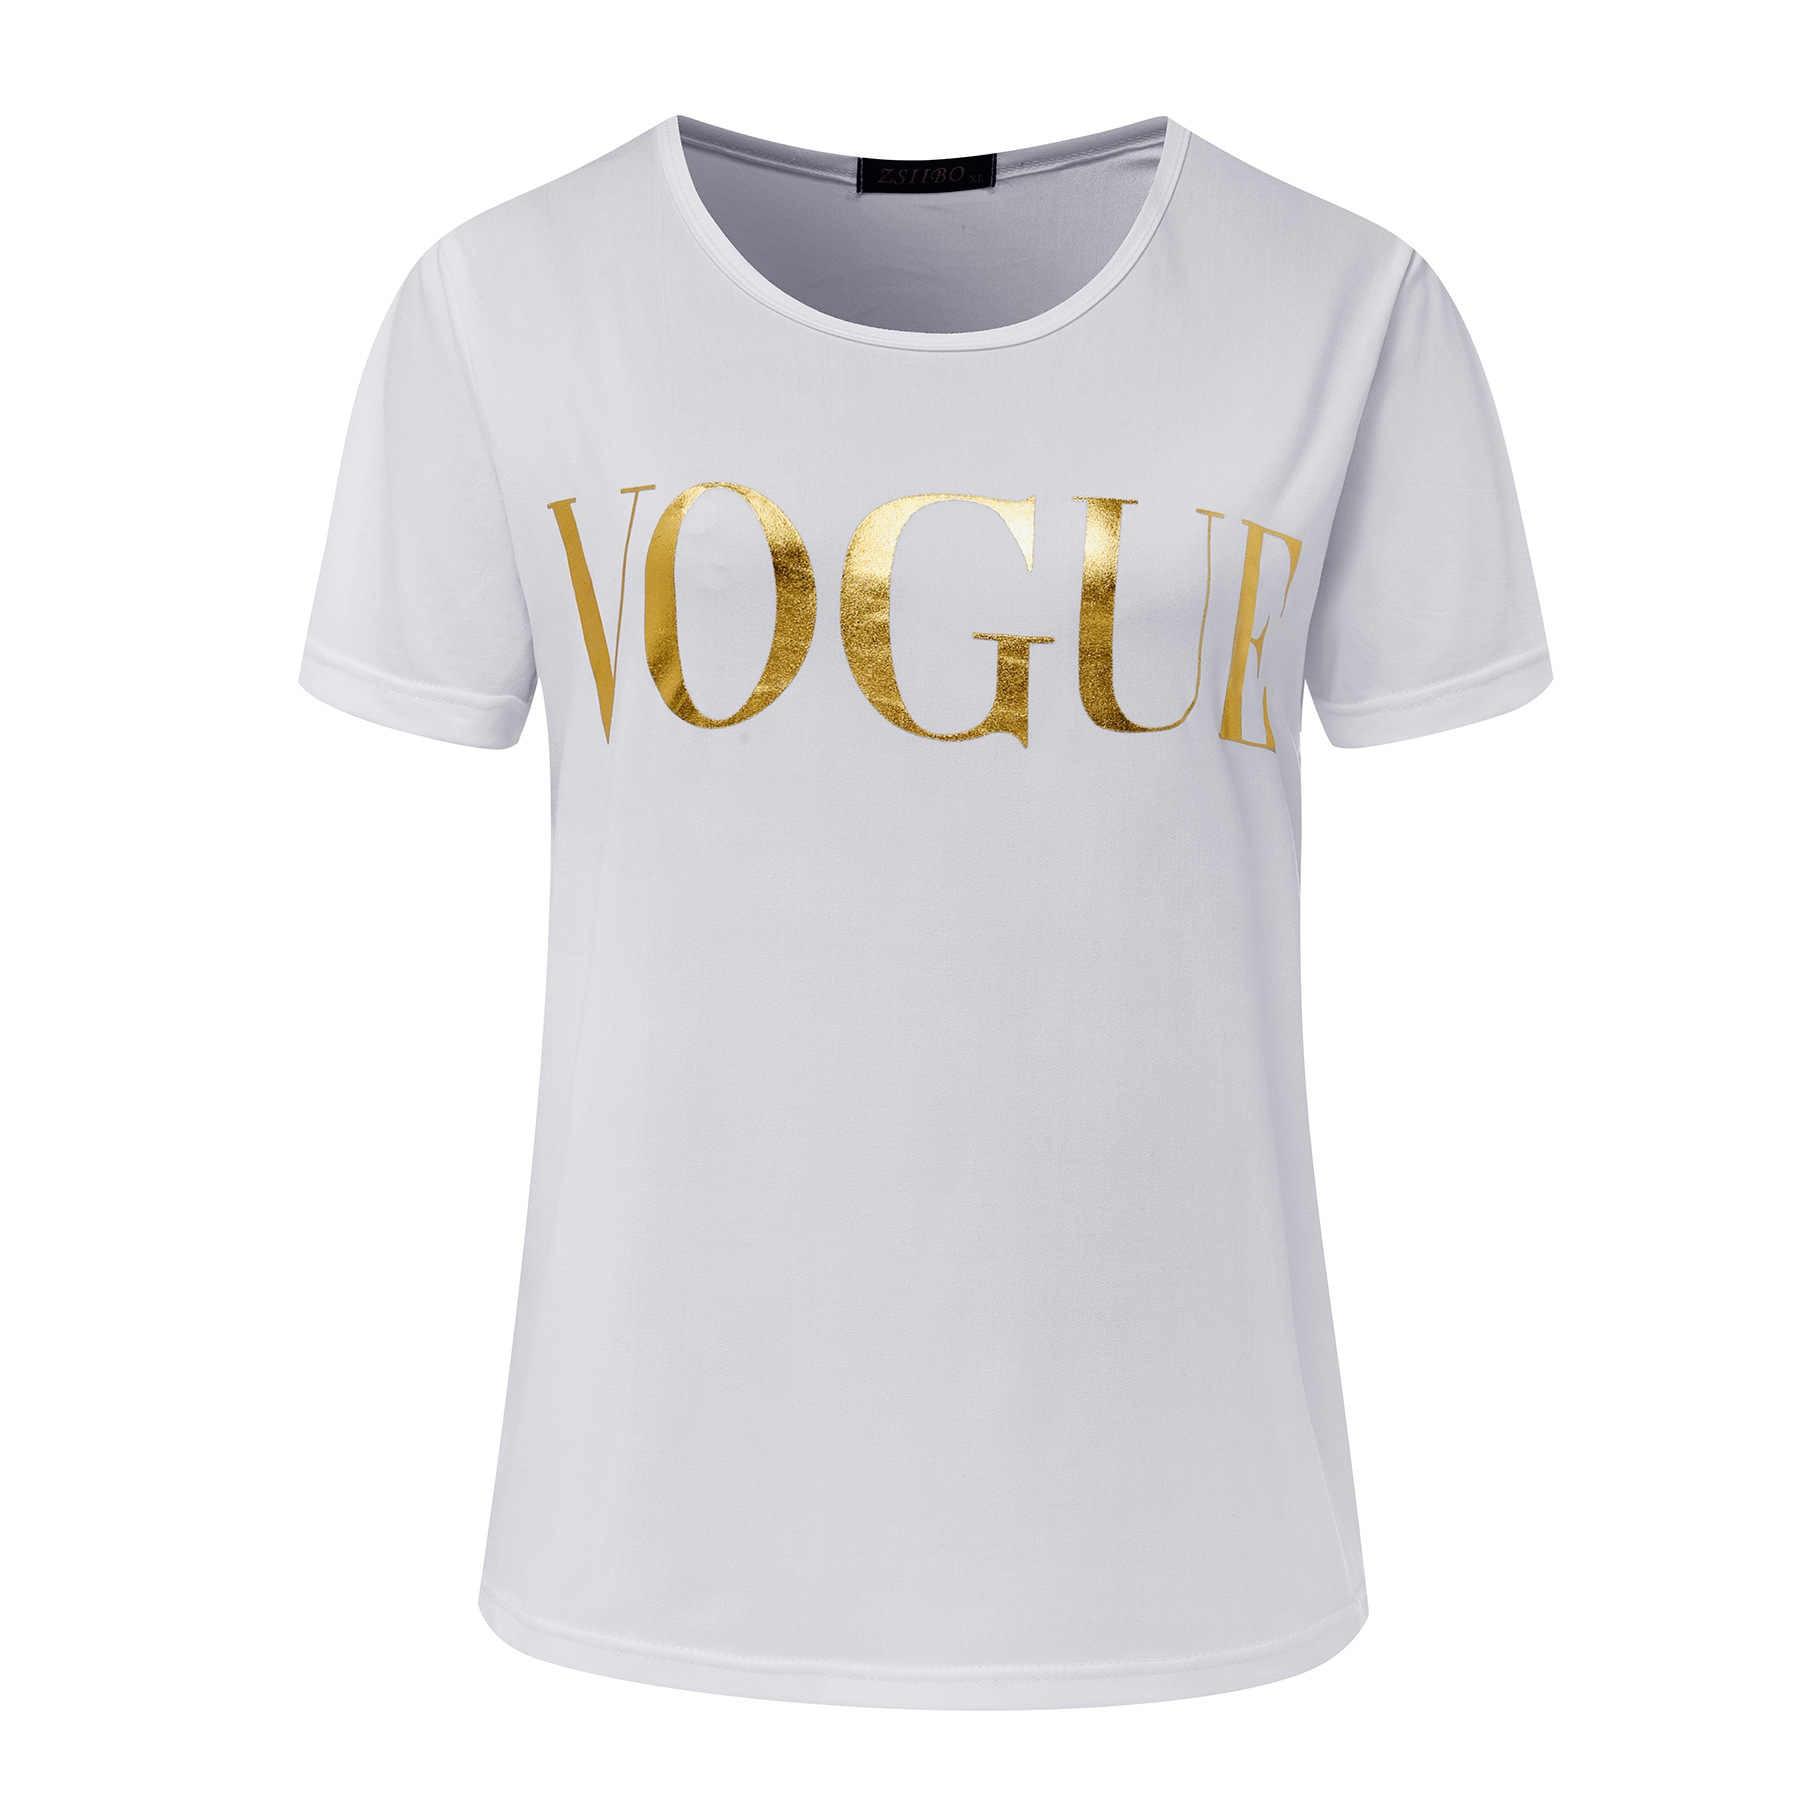 Maglietta delle donne maglietta 2019 del nuovo dell'annata di moda della stampa della lettera delle donne del manicotto del bicchierino di stile di estate T-shirt femminile vestidos ropa mujer t012